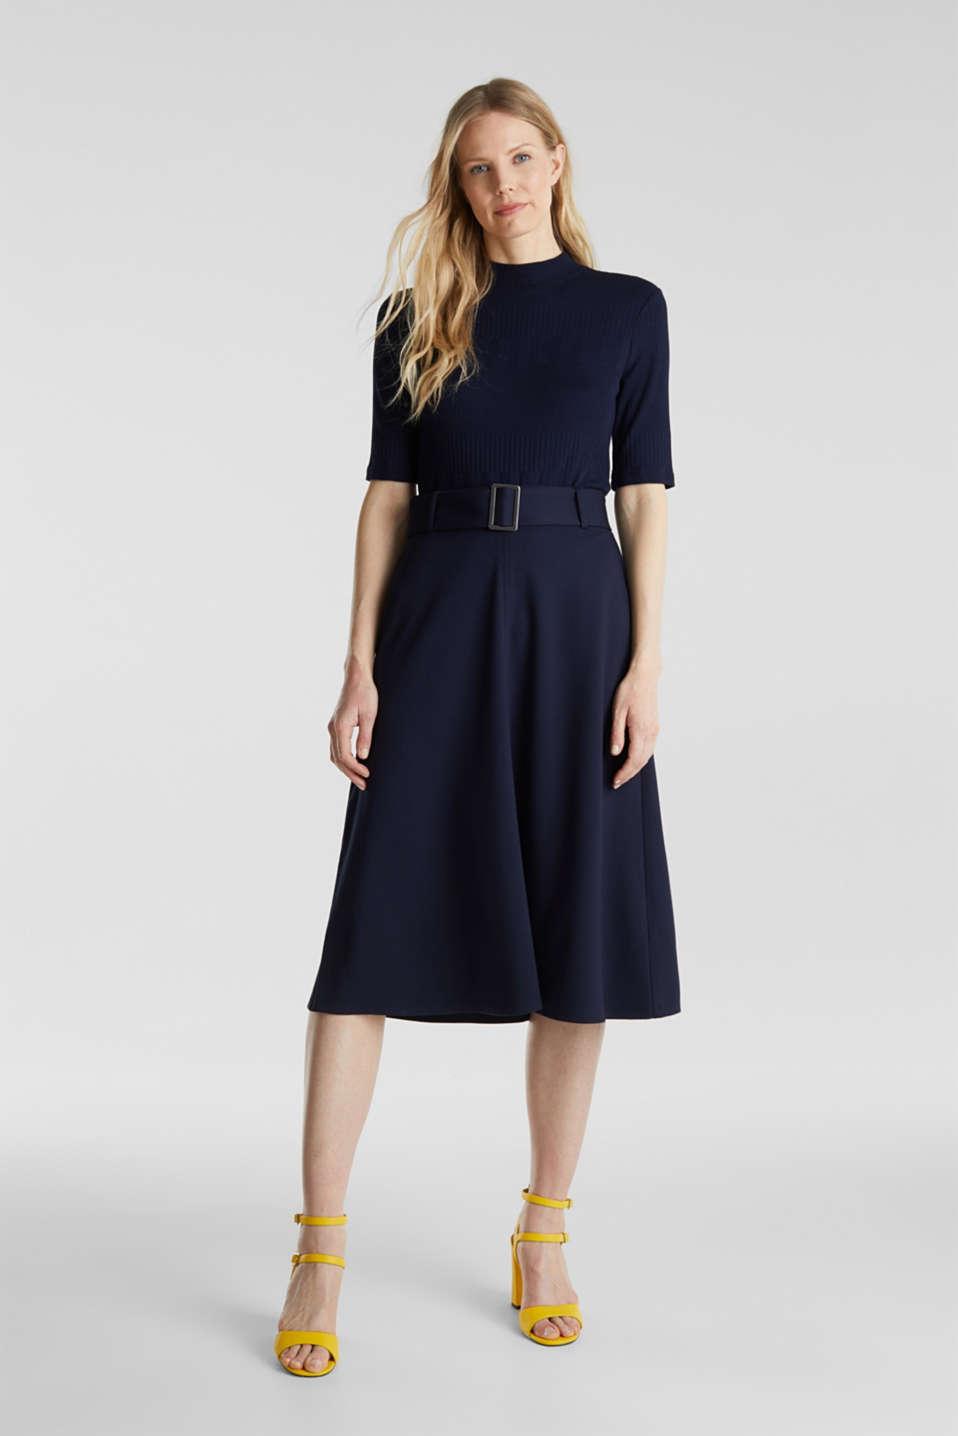 Melange A-line jersey skirt, NAVY, detail image number 1